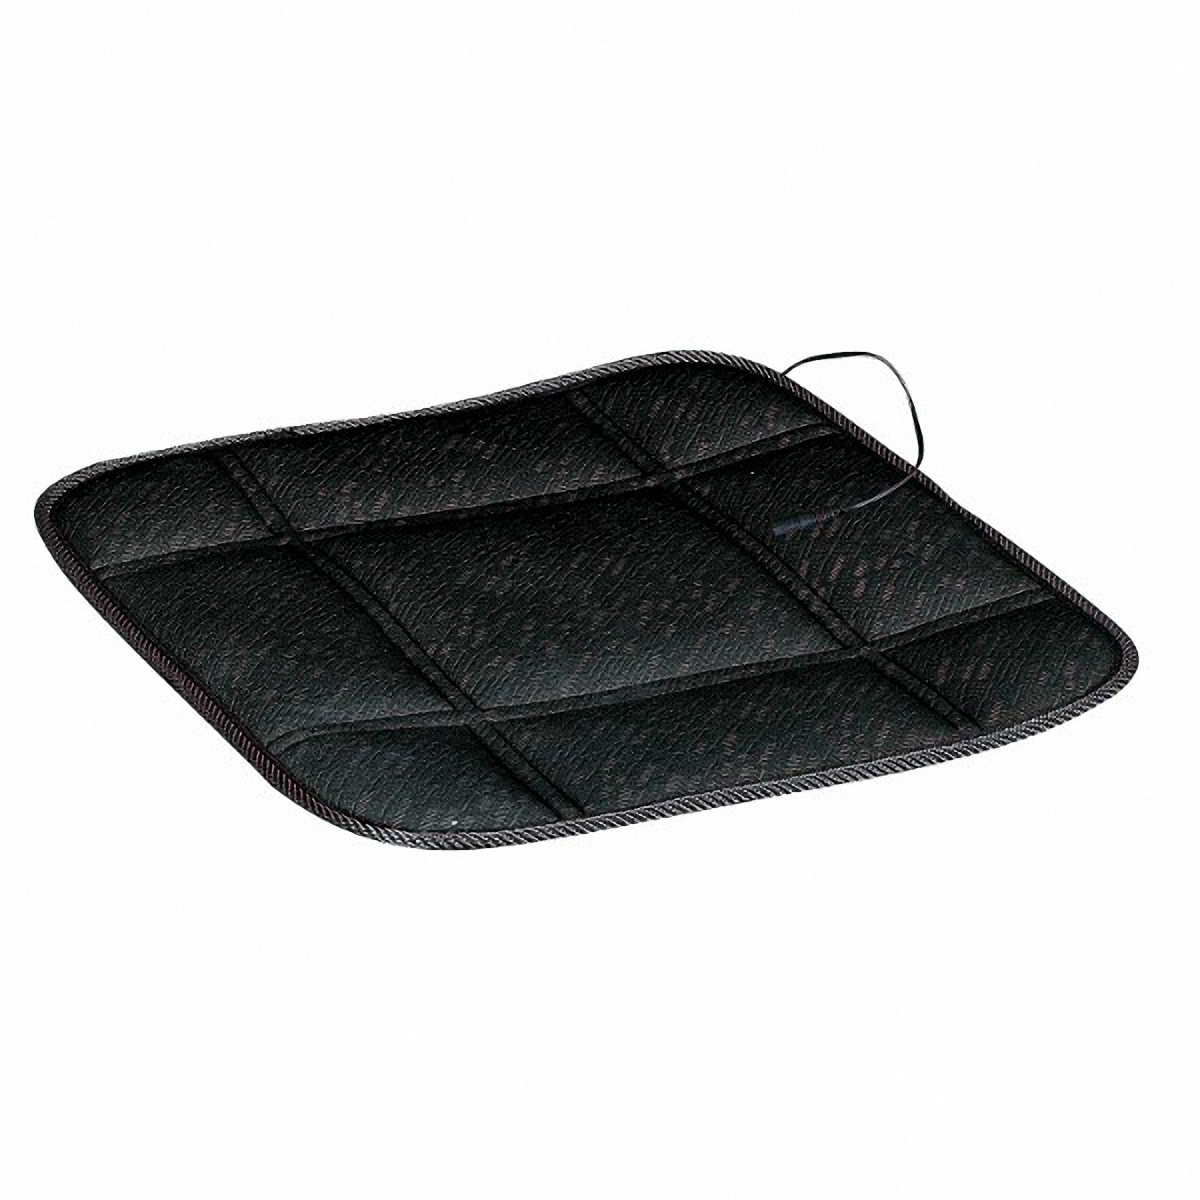 Подогрев для сиденья Skyway, без спинки, цвет: черный, 43 х 43 смVCA-00В подогреве для сиденья Skyway в качестве теплоносителя применяется углеродный материал. Такой нагреватель обладает феноменальной гибкостью и прочностью на разрыв в отличие от аналогов, изготовленных из медного или иного металлического провода.Особенности:- Универсальный размер.- Снижает усталость при управлении автомобилем.- Обеспечивает комфортное вождение в холодное время года.- Простая и быстрая установка.- Быстрый и интенсивный режим нагрева.- Защита крепления шнура питания к подогреву.Устройство подключается к прикуривателю на 12ВСила тока: 2,5-3 А.Напряжение: 12В.